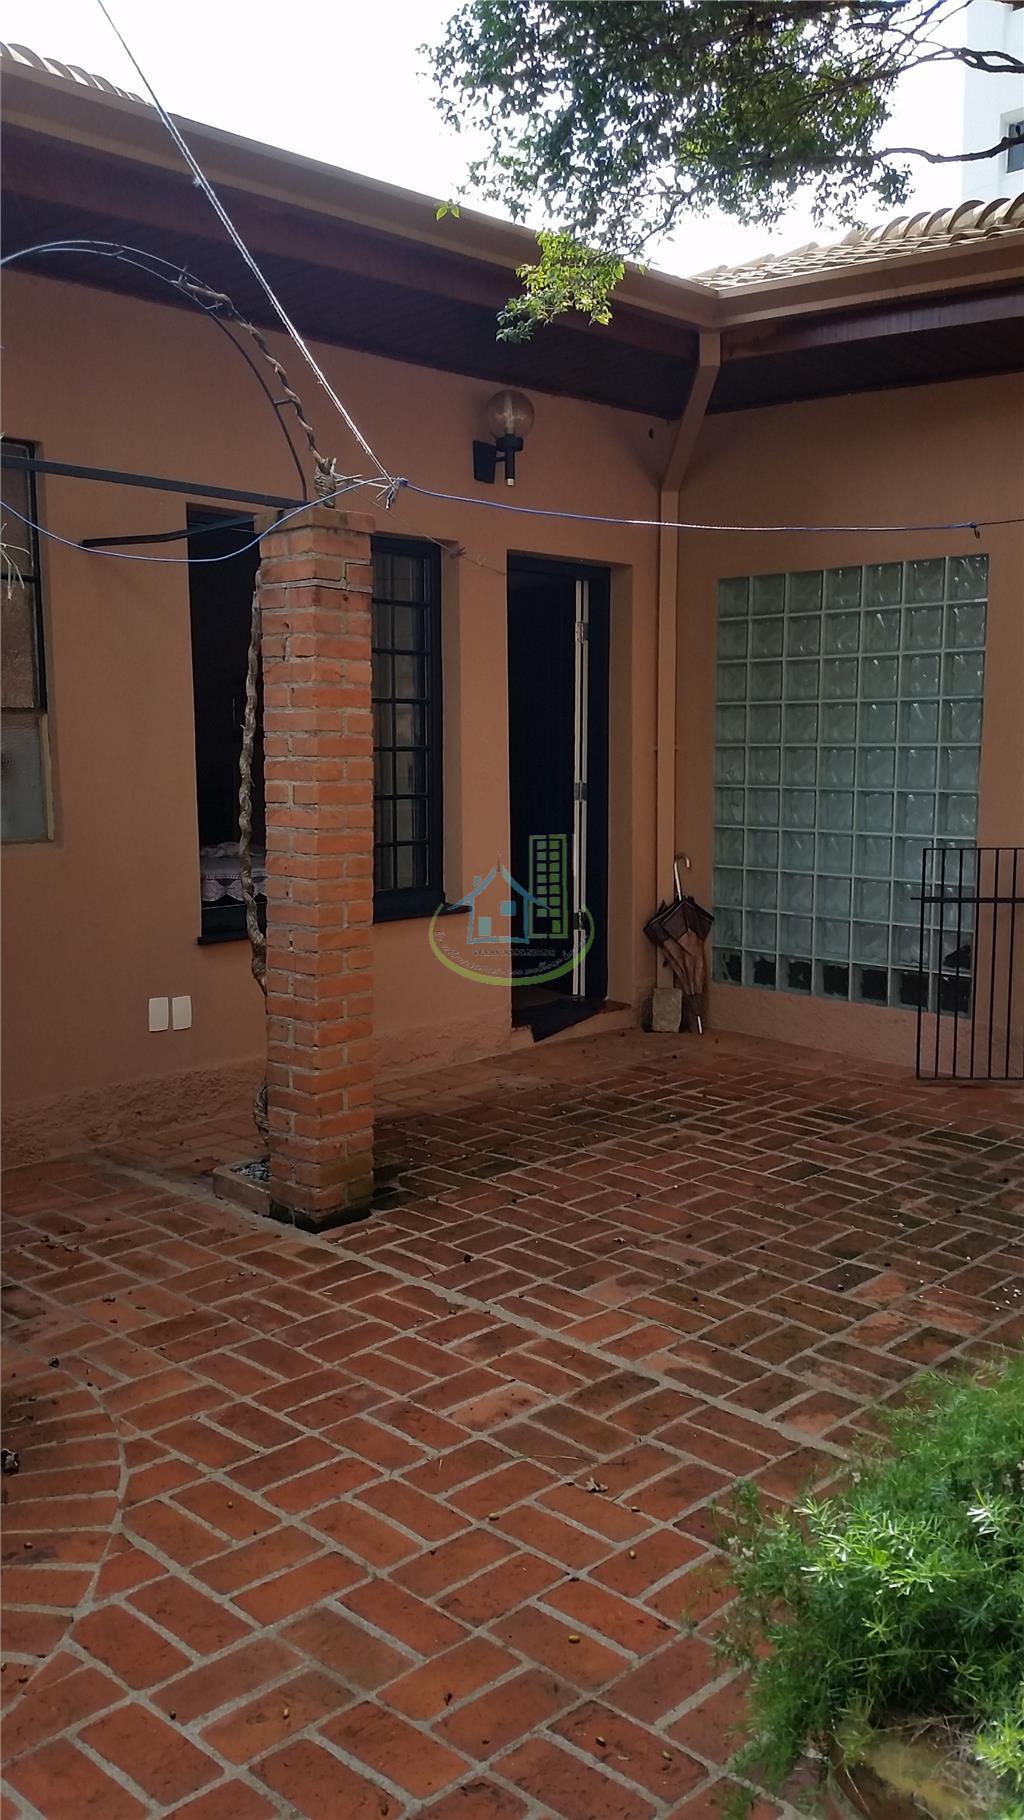 Sobrado de 9 dormitórios à venda em Jardim Santo Amaro, São Paulo - SP